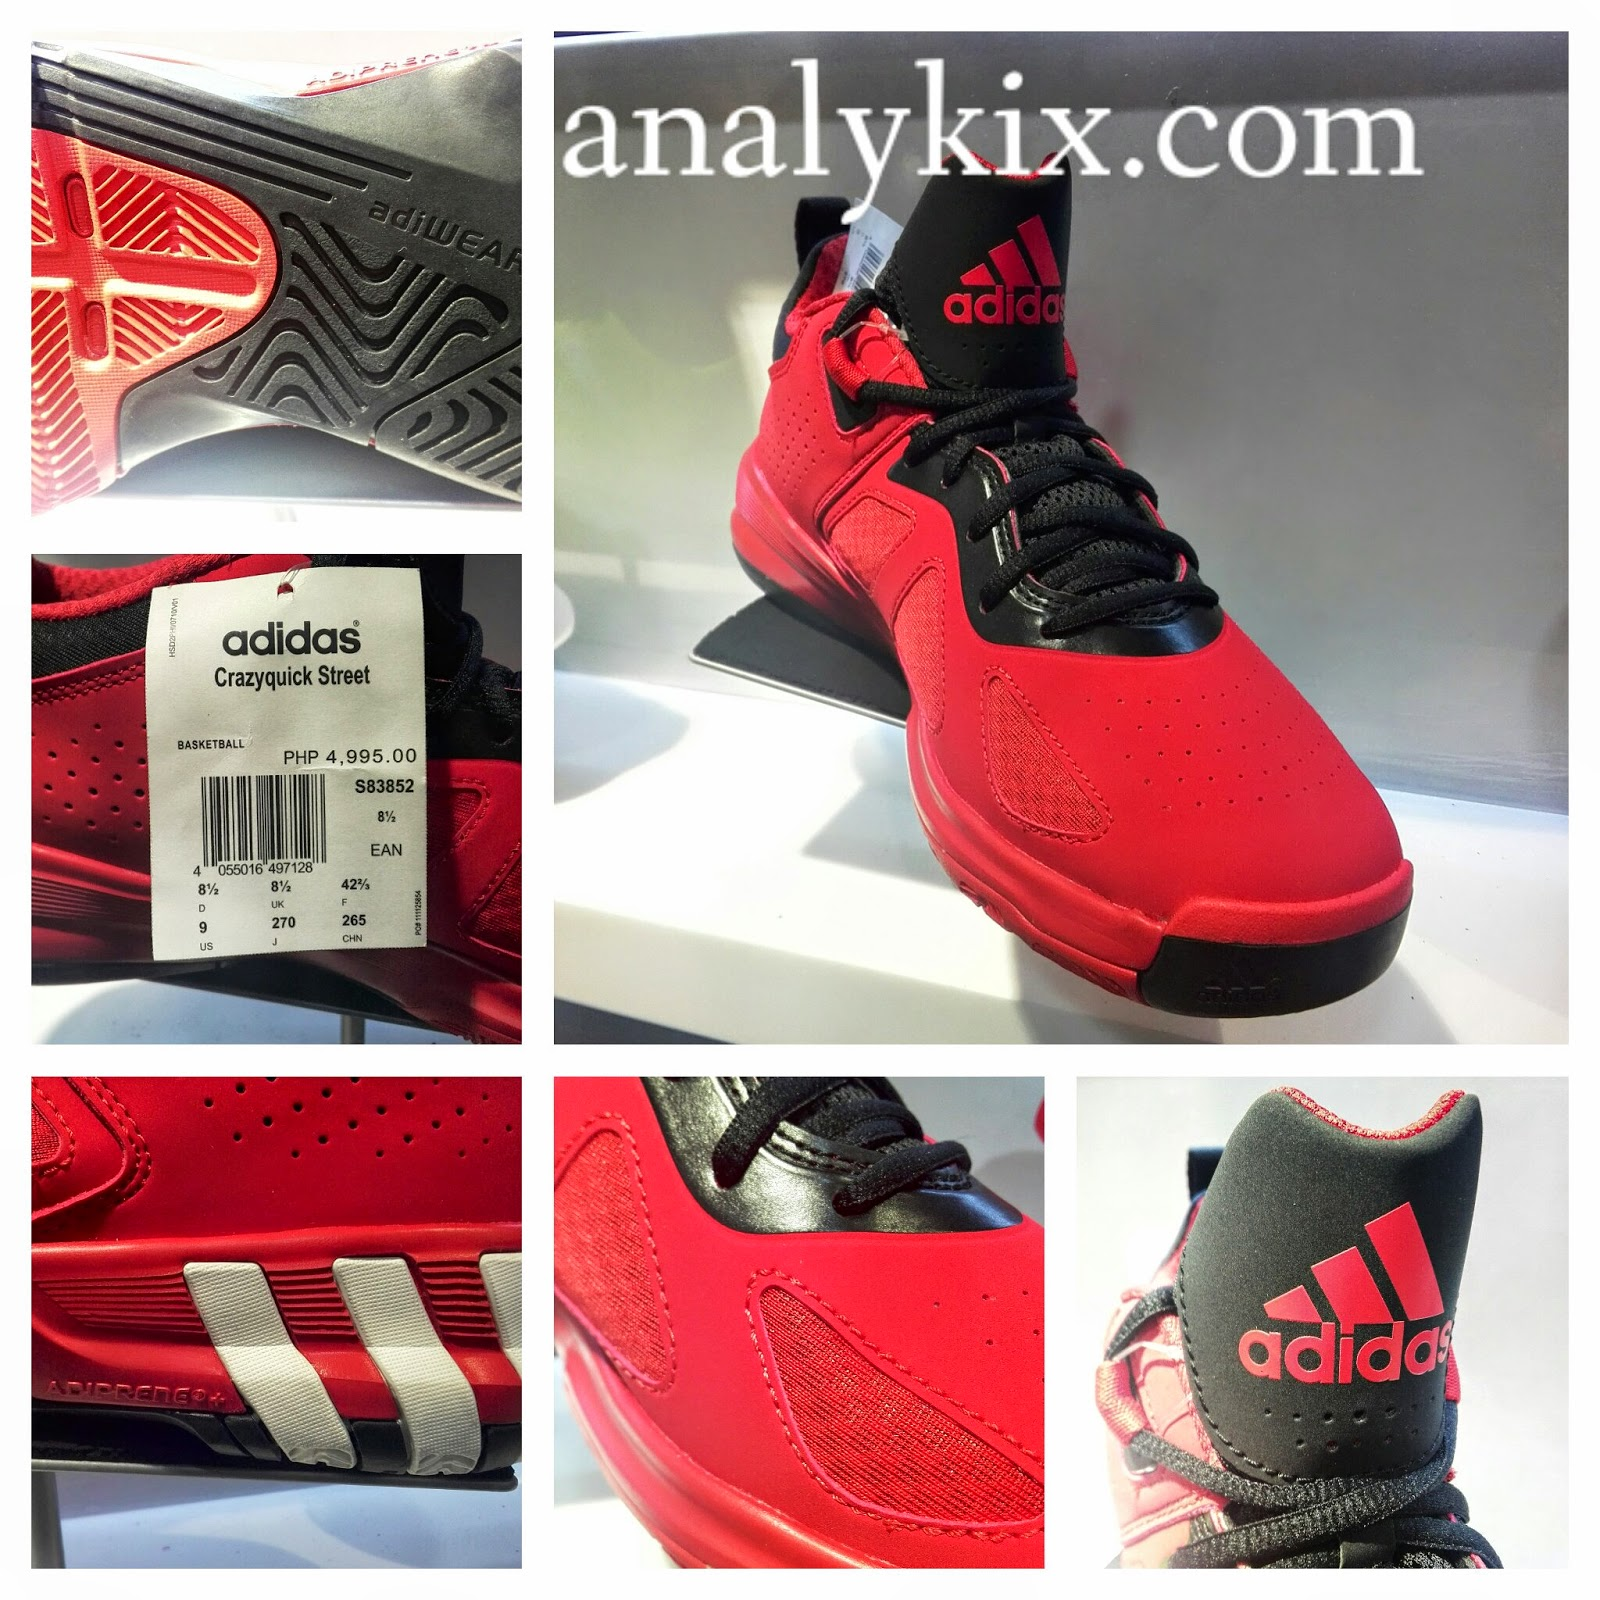 adidas crazyquick straße analykix